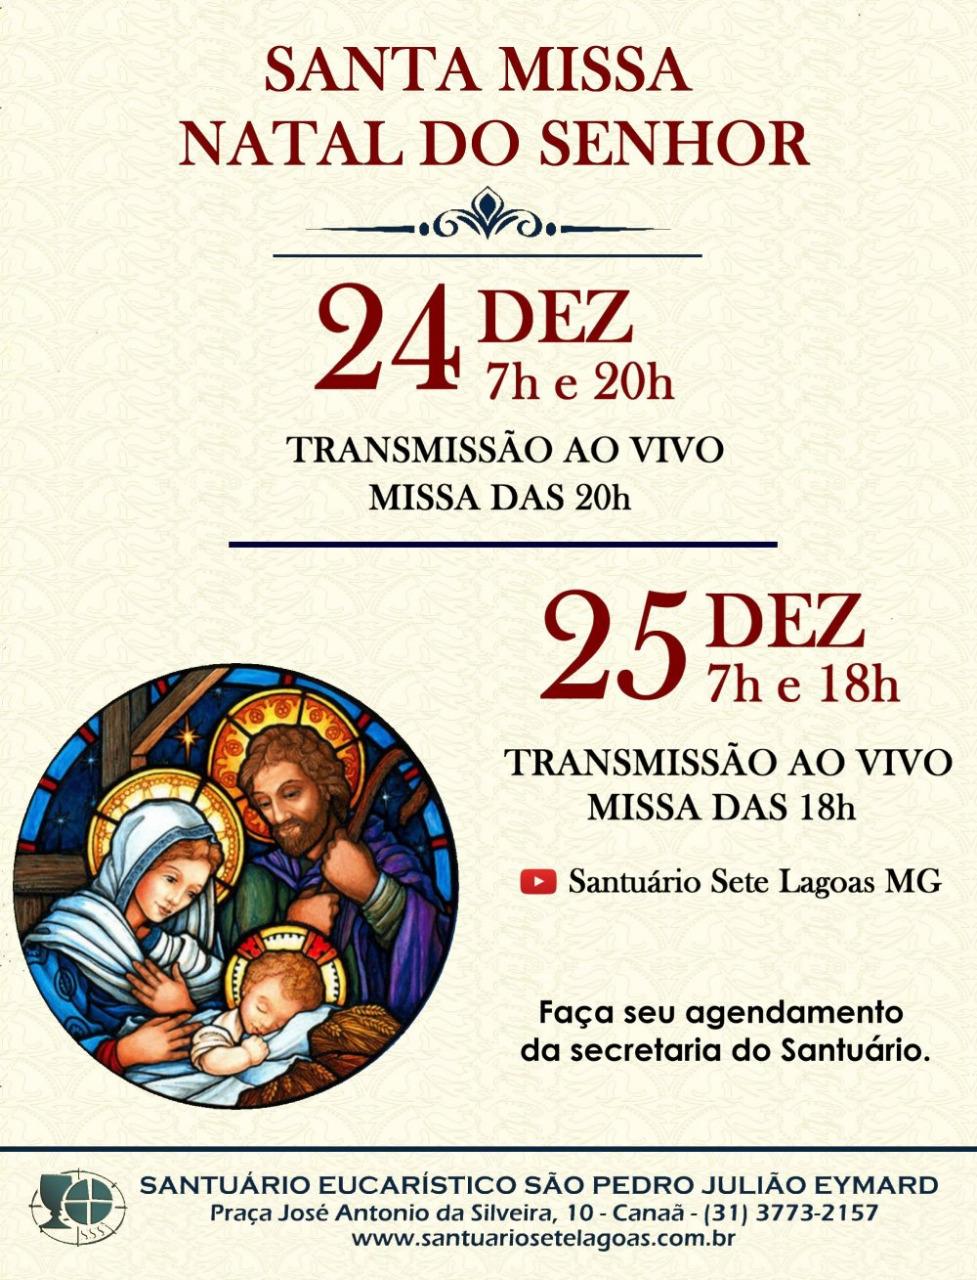 Horários das celebrações de Natal no Santuário Eucarístico